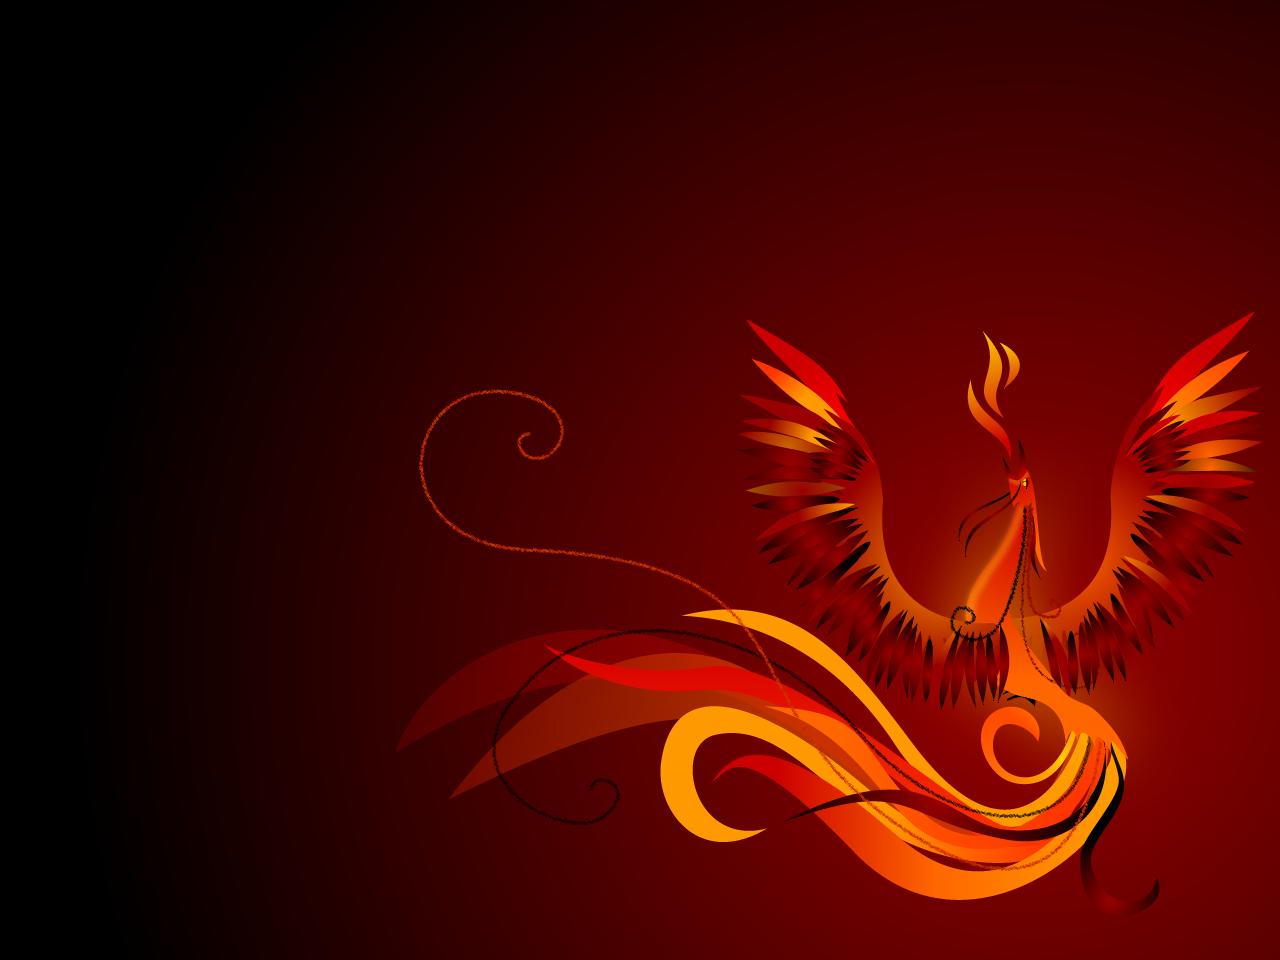 Phoenix Bird Wallpapers 1280x960